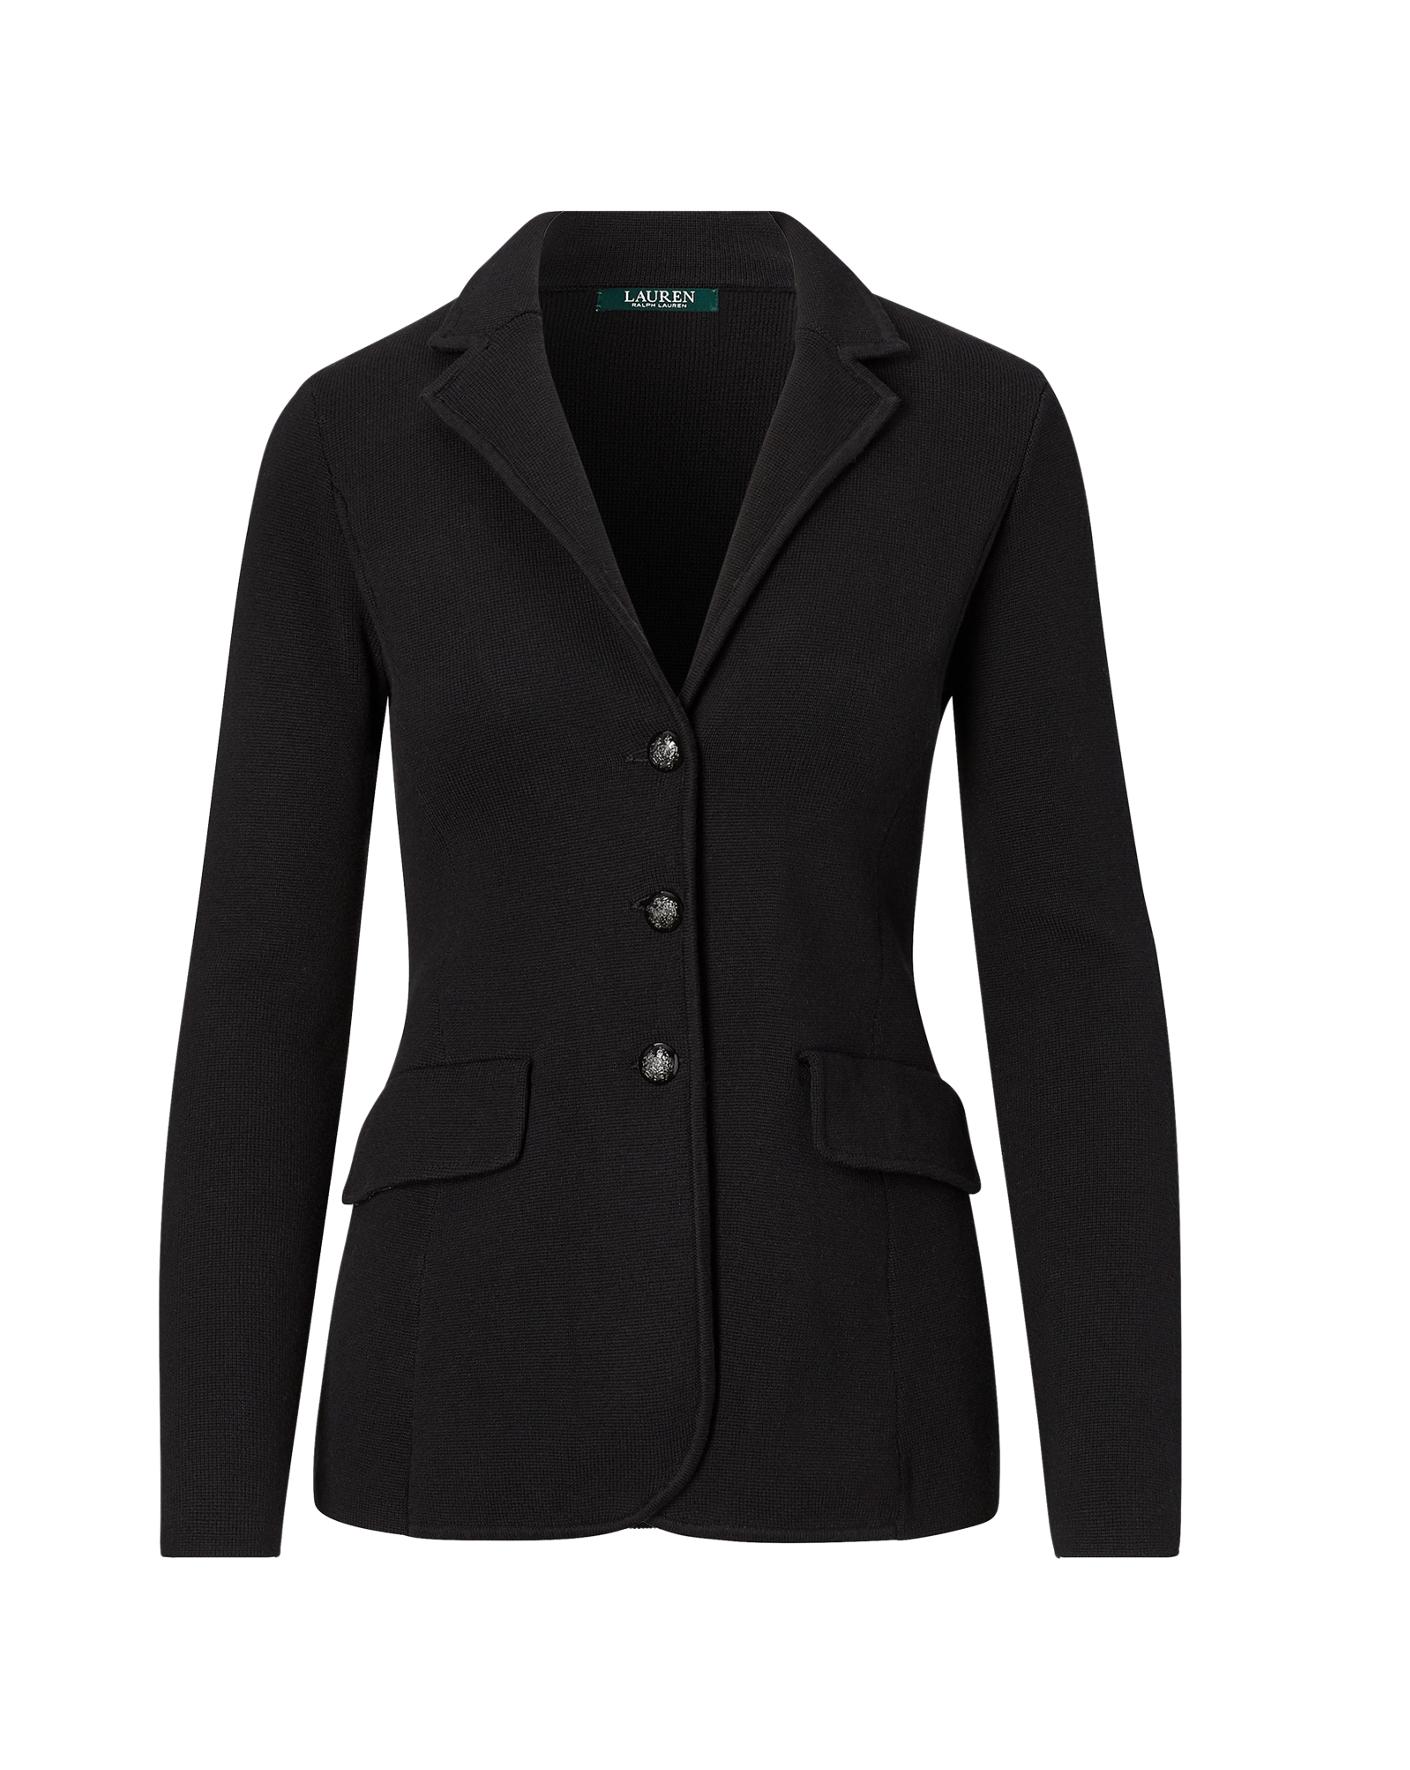 Women's Jackets and Blazers   Lauren   Ralph Lauren